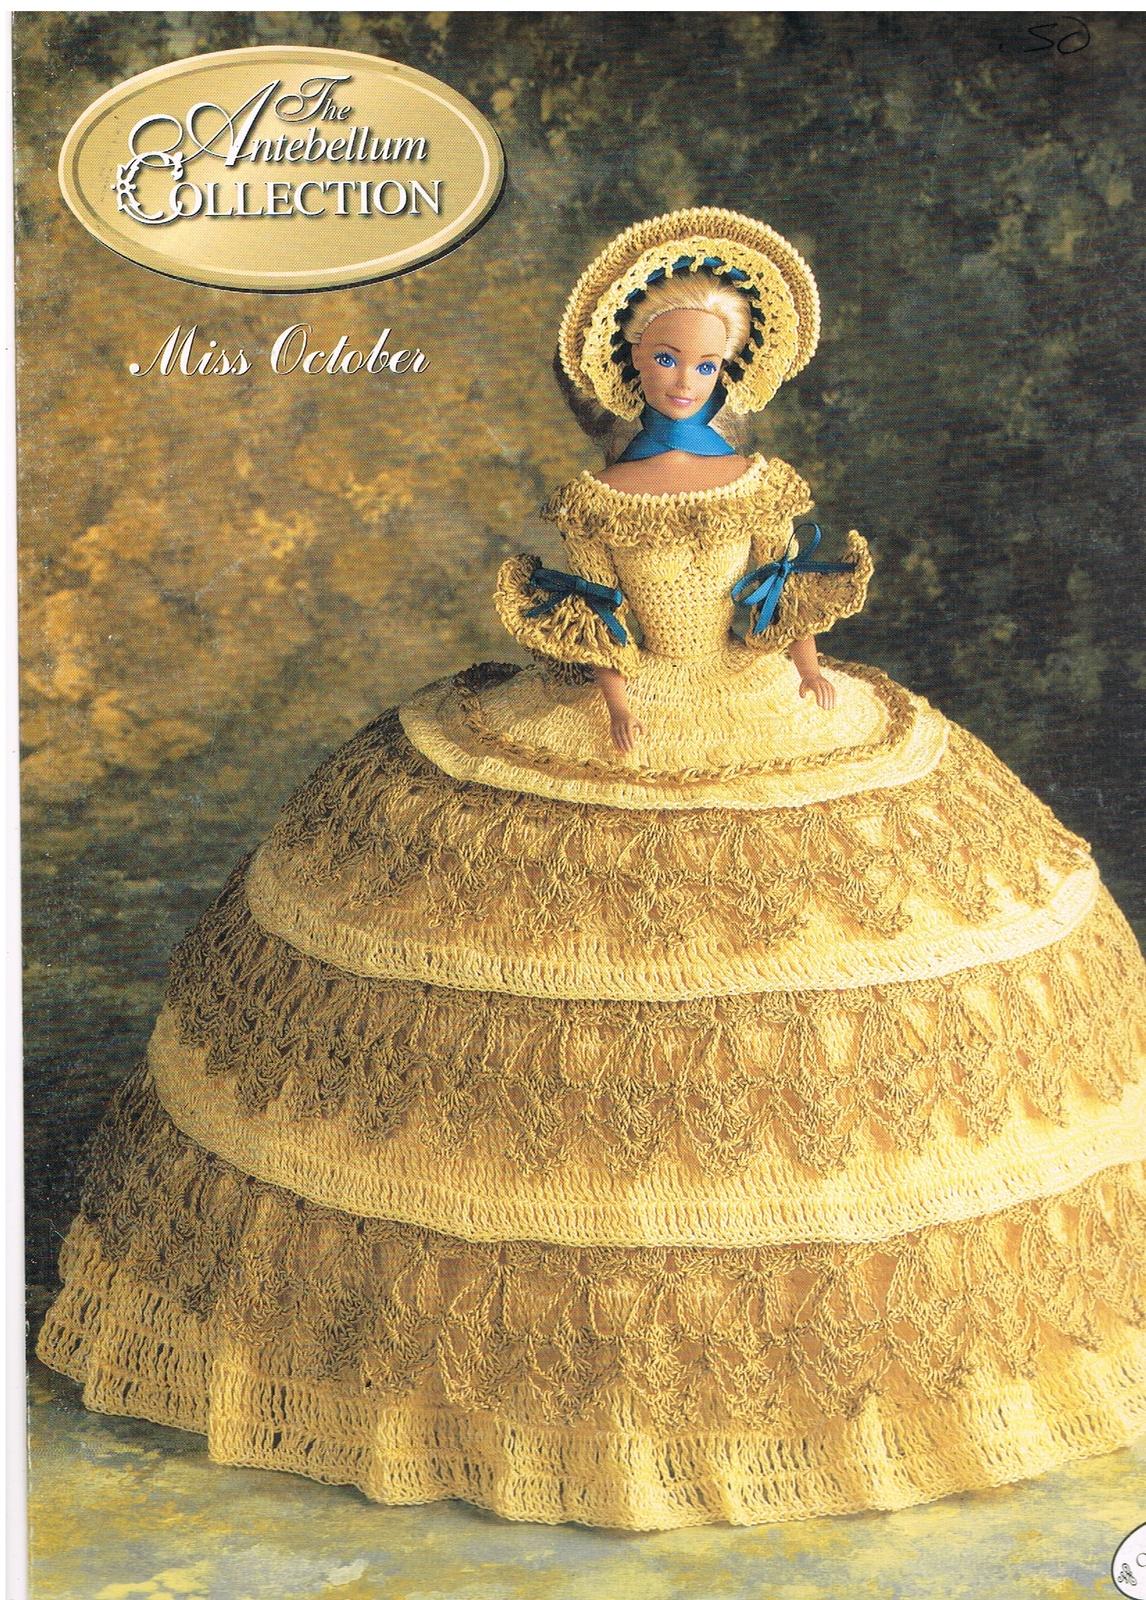 Crochet Doll Clothes Pattern - Doll Wedding Dress - Wedding Doll ... | 1600x1146